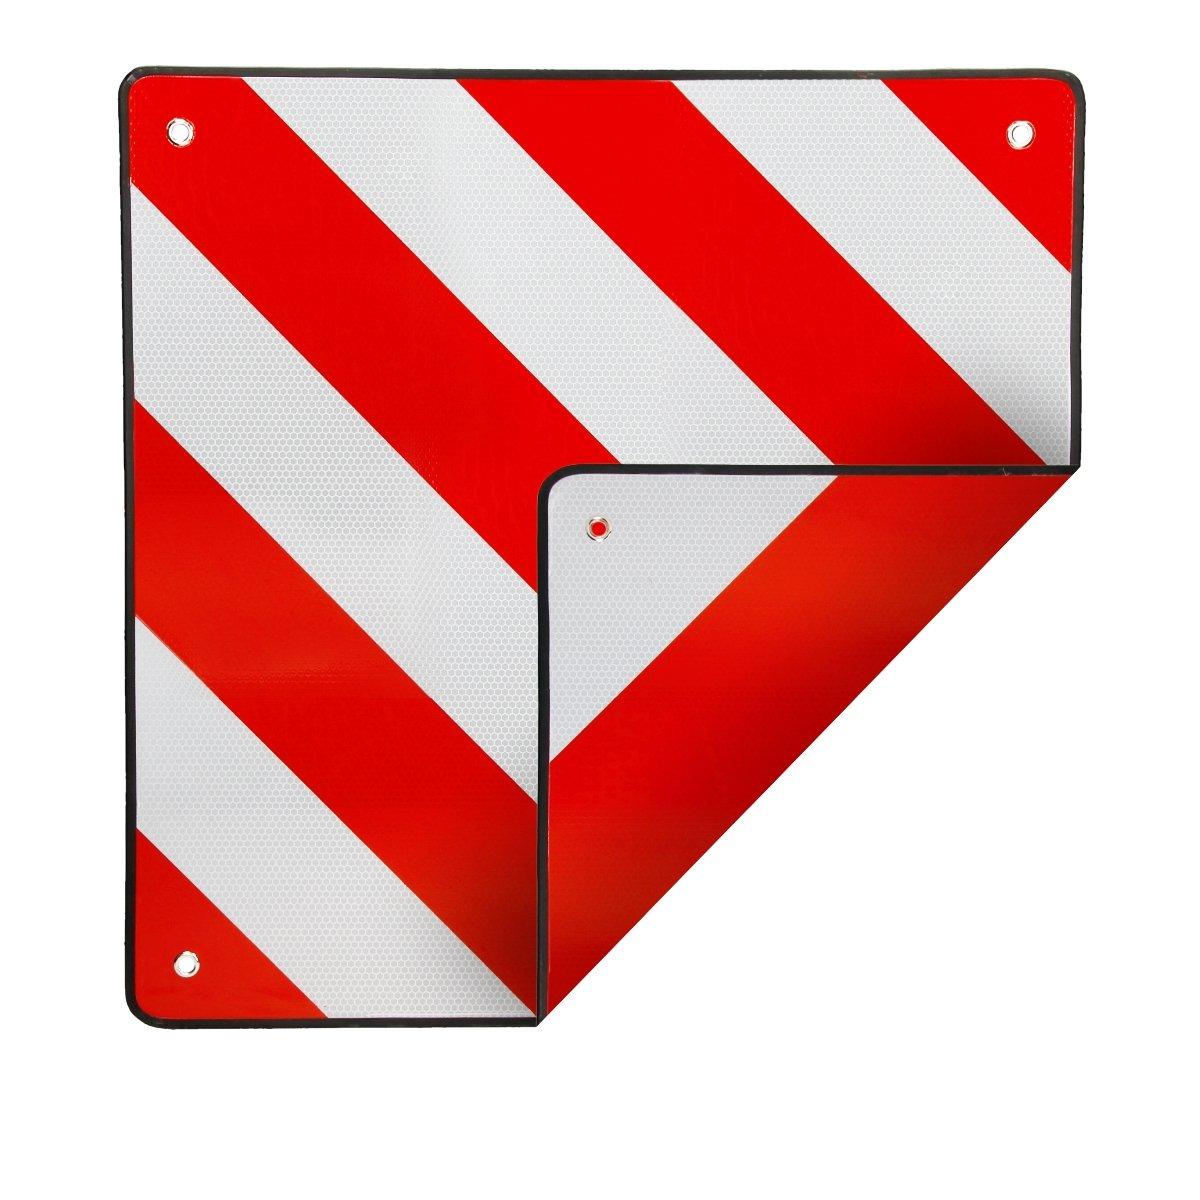 ECD Germany Señal de advertencia trasera Placa para mercancia sobresaliente 50 x 50 cm para Italia y España Reflectante color blanco con bandas rojas